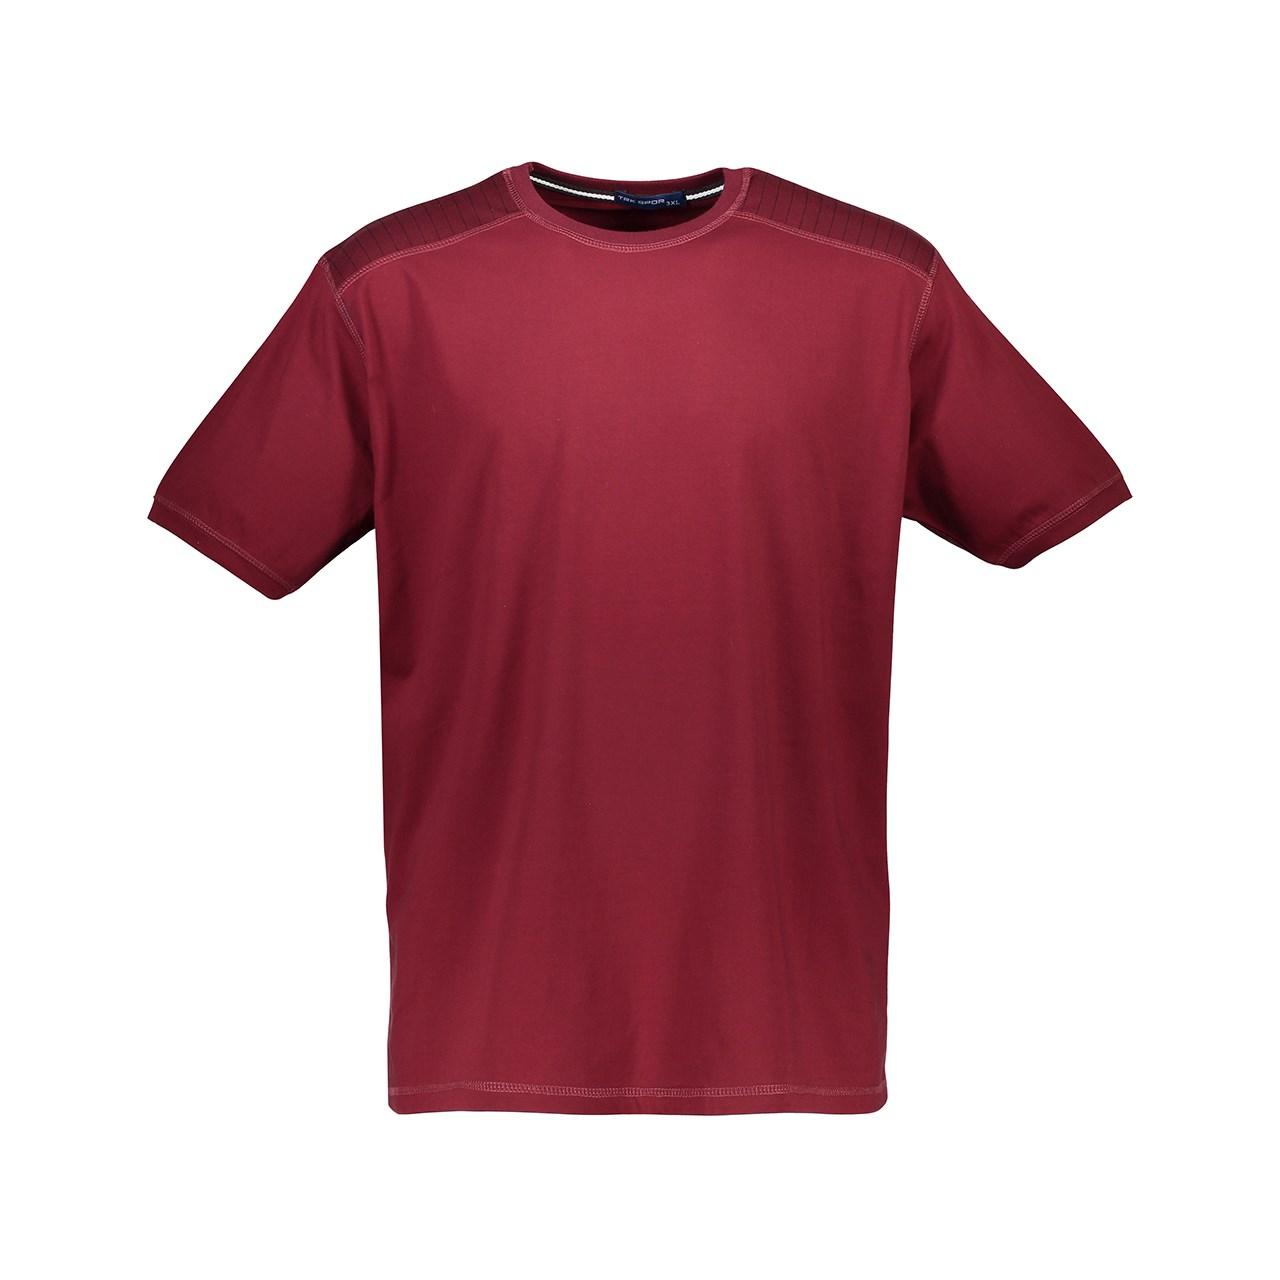 تی شرت آستین کوتاه مردانه تی آر کی کد 158-3